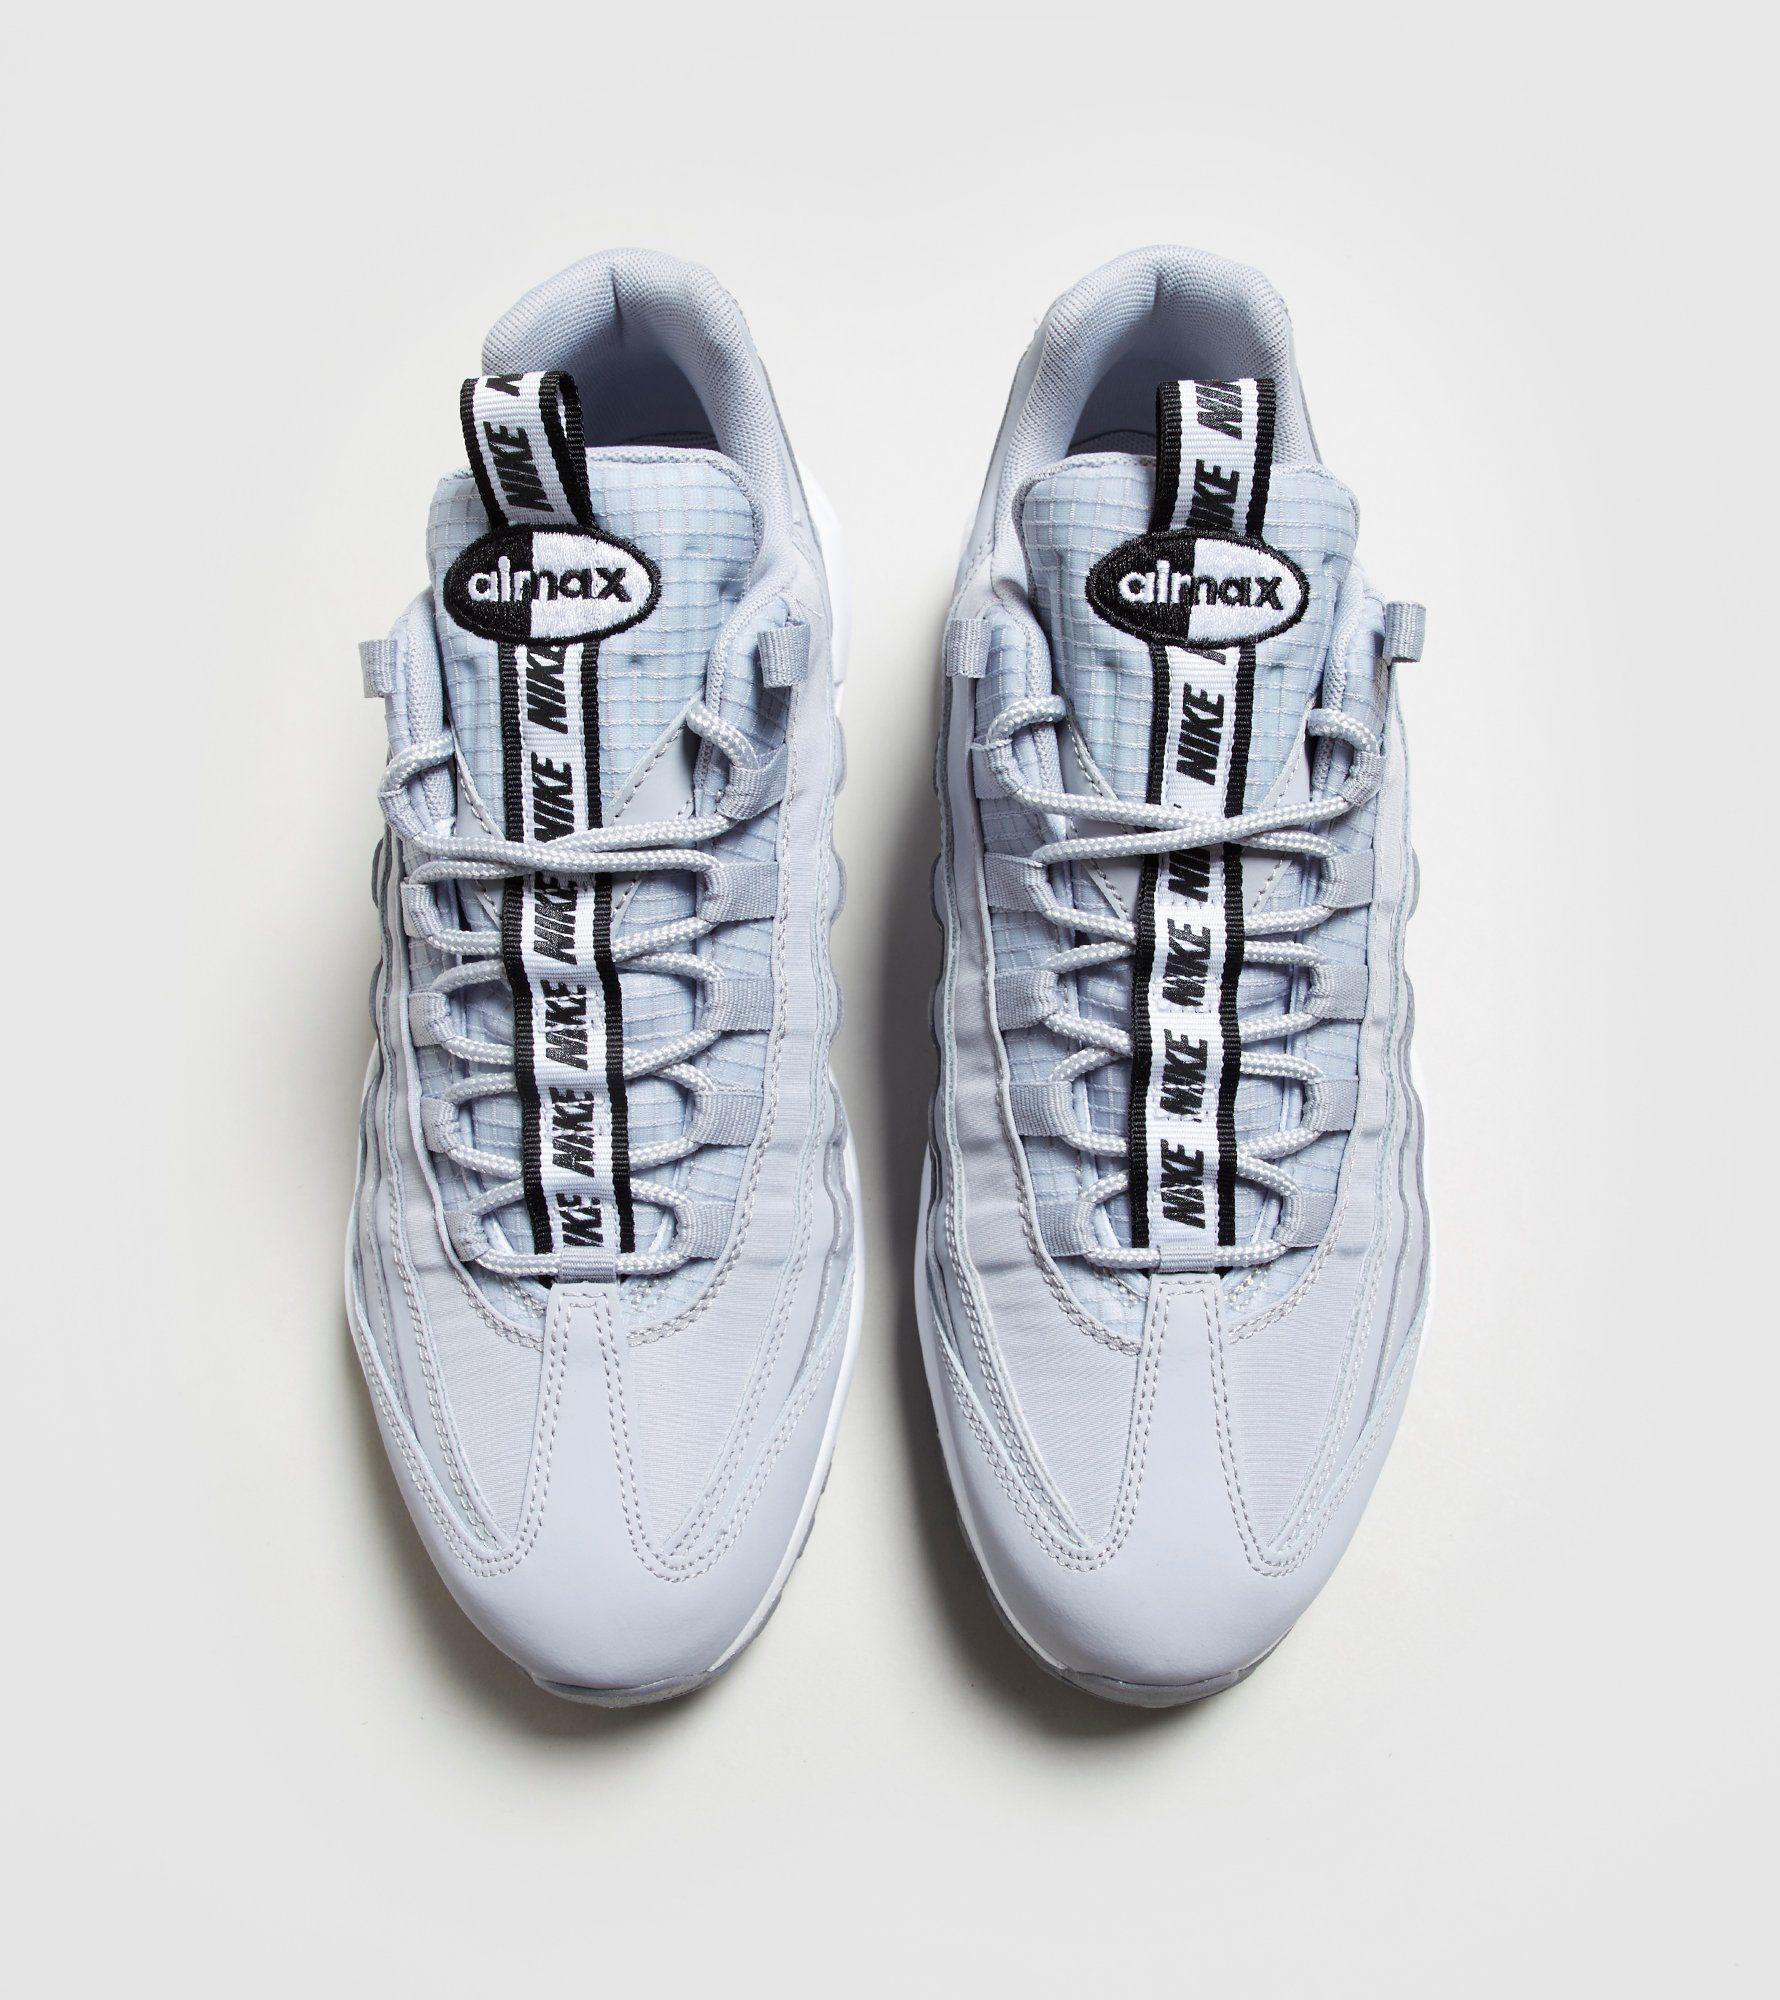 Nike Air Max 95 Taped